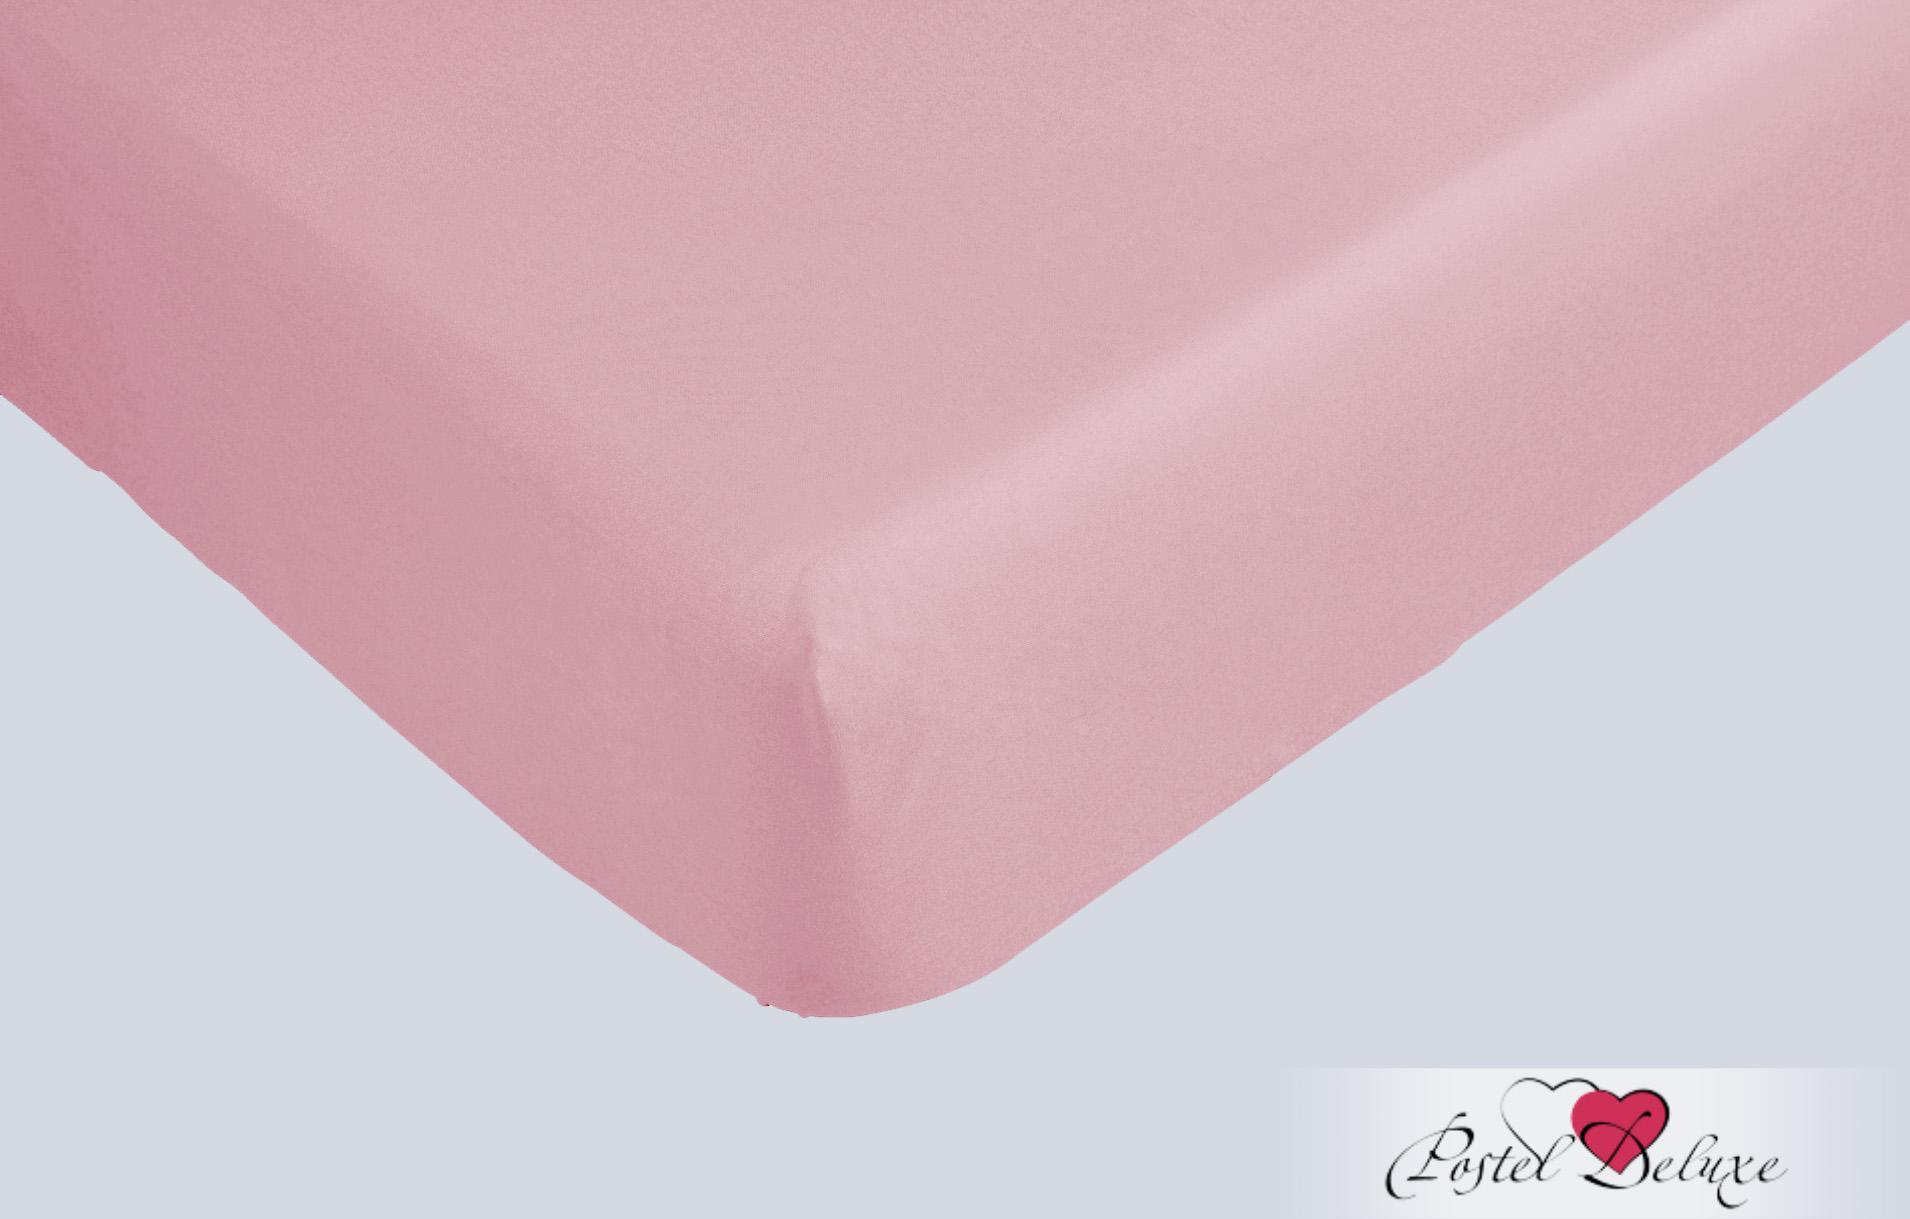 Простыни на резинке BoleroПростыни на резинке<br>Производитель: Bolero<br>Страна производства: Чехия<br>Материал: Джерси<br>Состав: 100% хлопок<br>Размер простыни: 160х200<br>Высота бортика: 20 см<br>Тип простыни: На резинке<br>Упаковка: Полиэтиленовый пакет<br><br>Тип: простыня<br>Размерность комплекта: None<br>Материал: Джерси<br>Размер наволочки: None<br>Подарочная упаковка: None<br>Для детей: нет<br>Ткань: Джерси<br>Цвет: Розовый